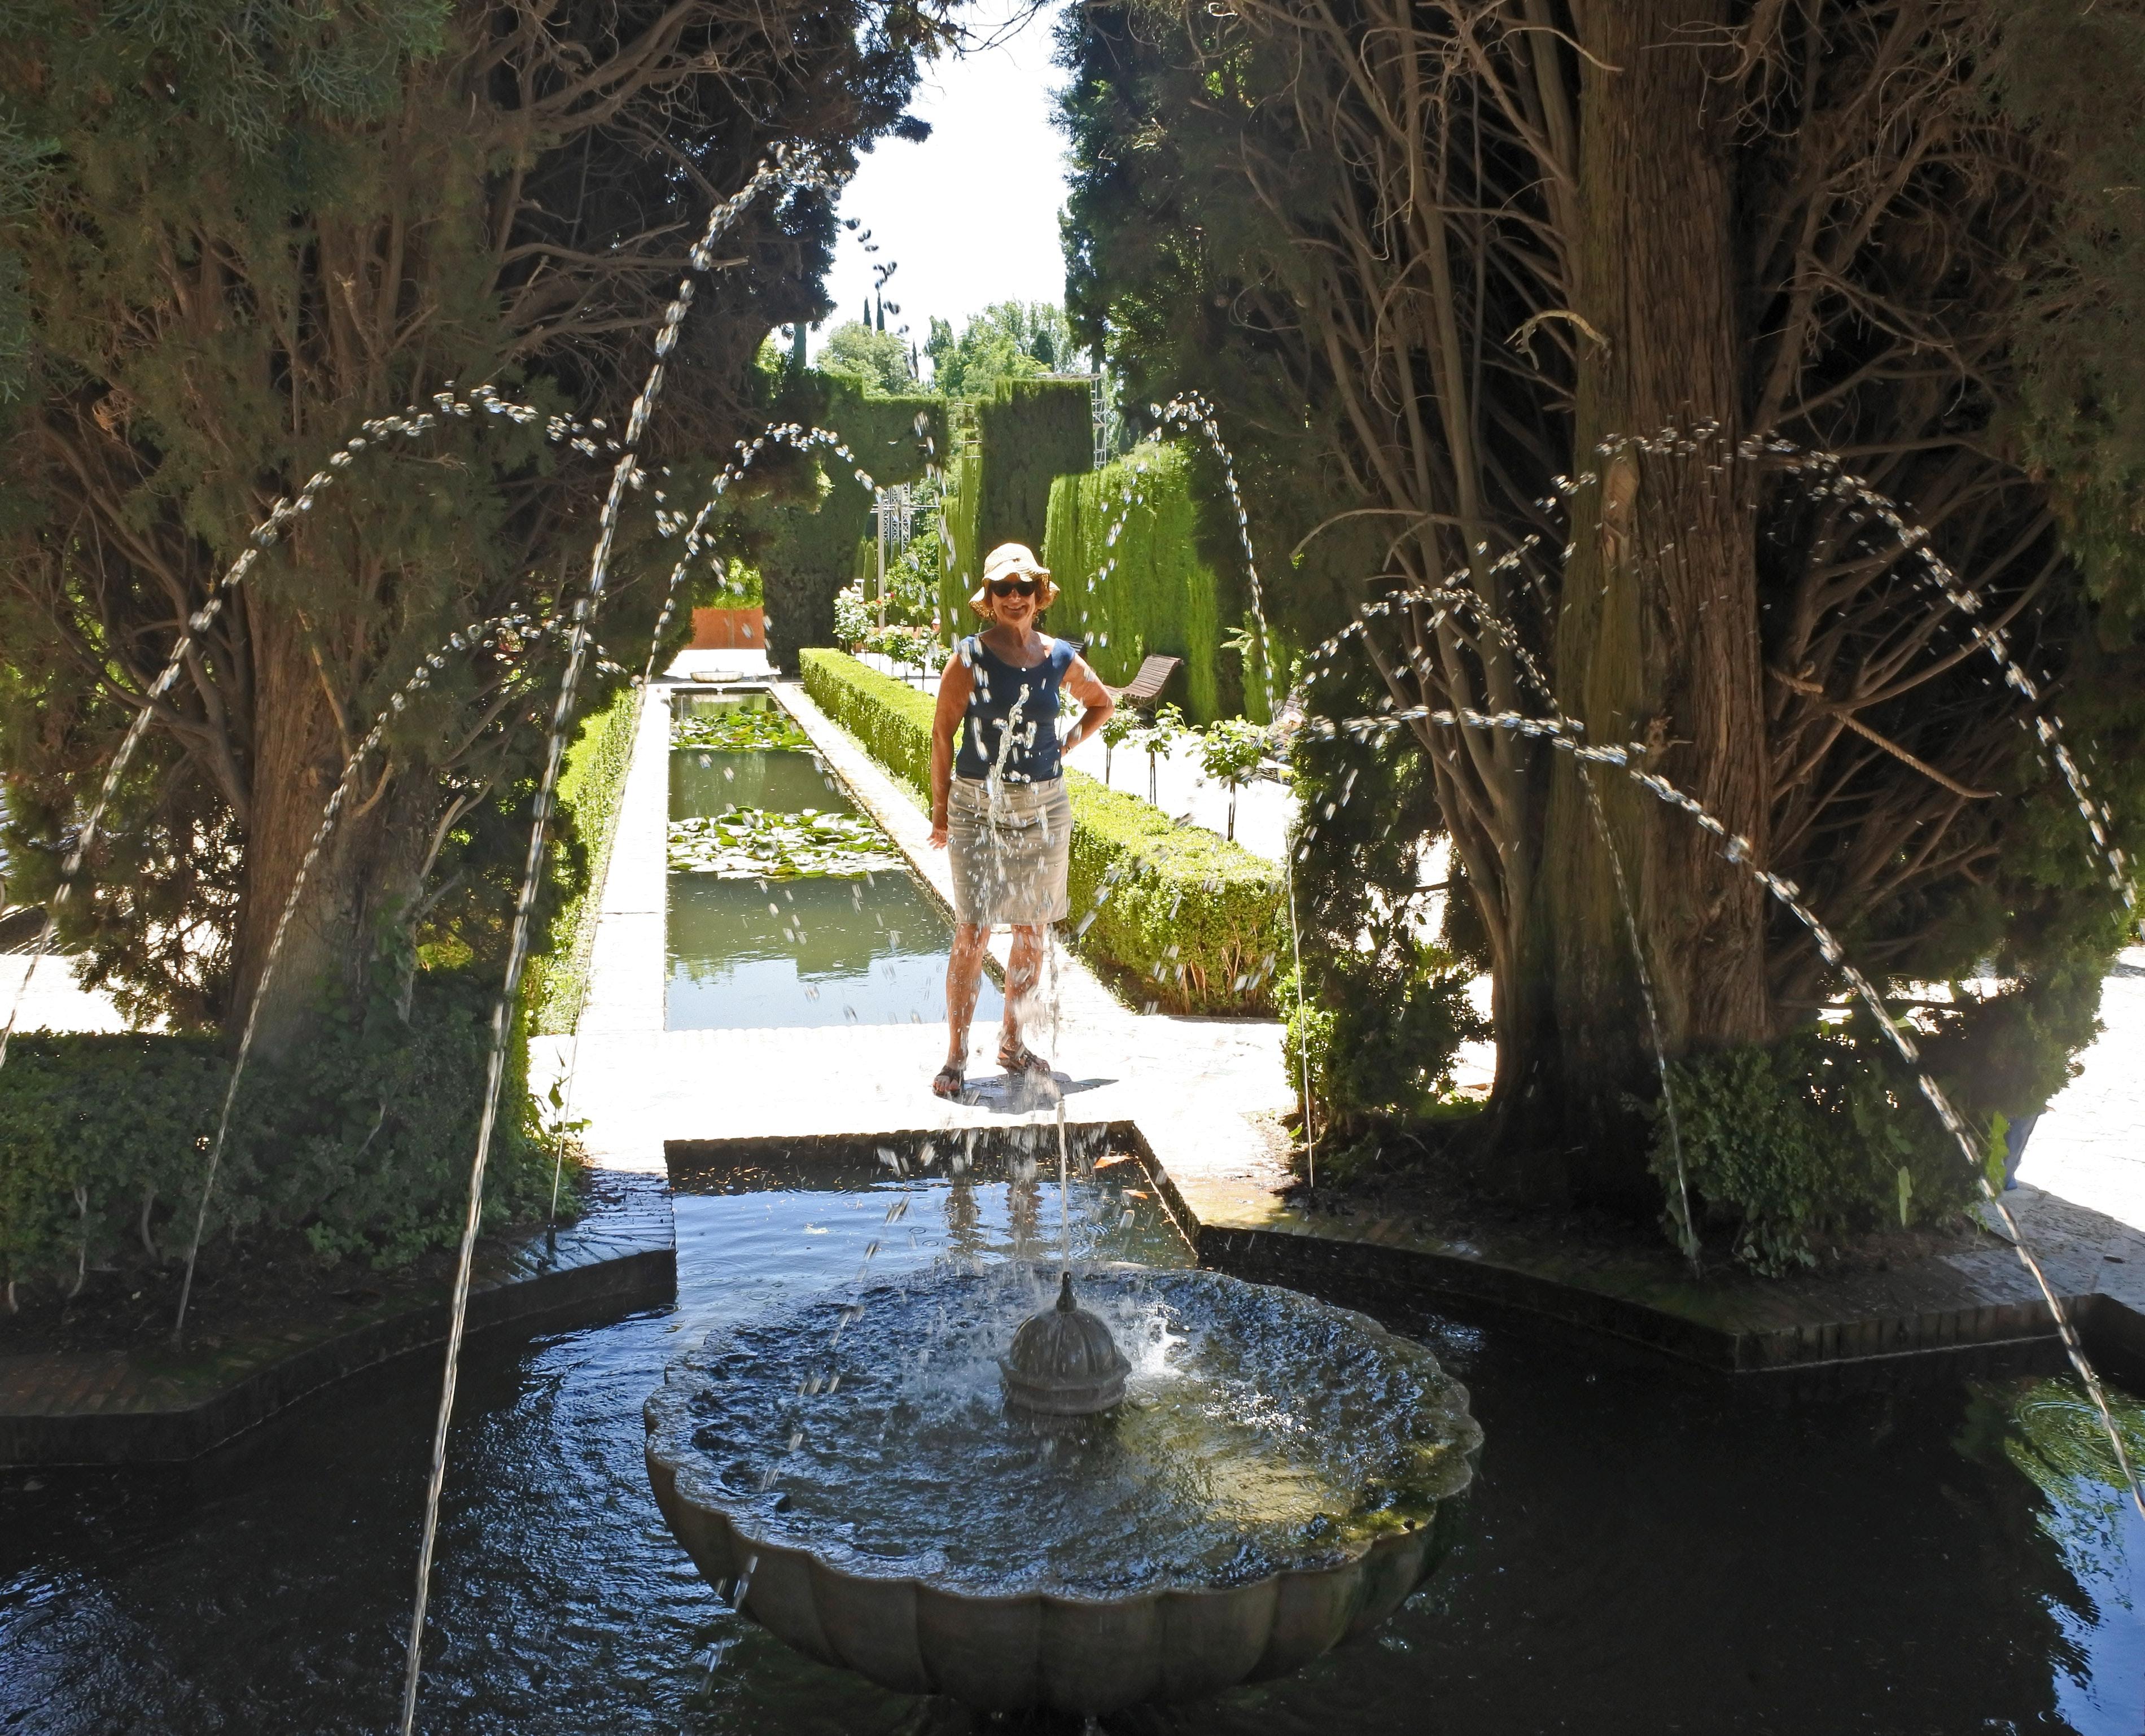 kostenloses foto zum thema: alhambra, brunnen, gärten